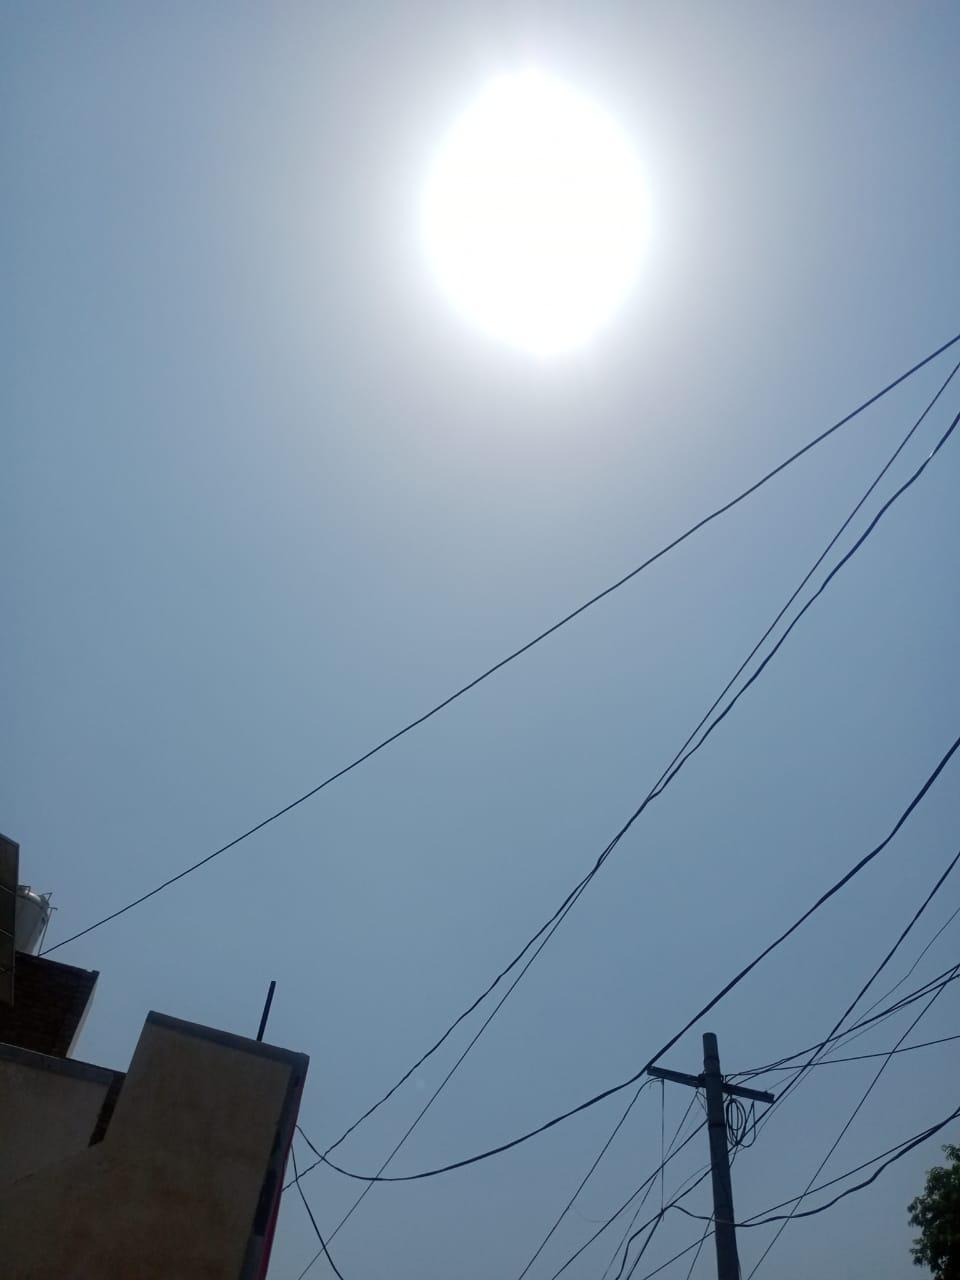 श्रीगंगानगर के आसामान से आग उगलता सूरज। - Dainik Bhaskar